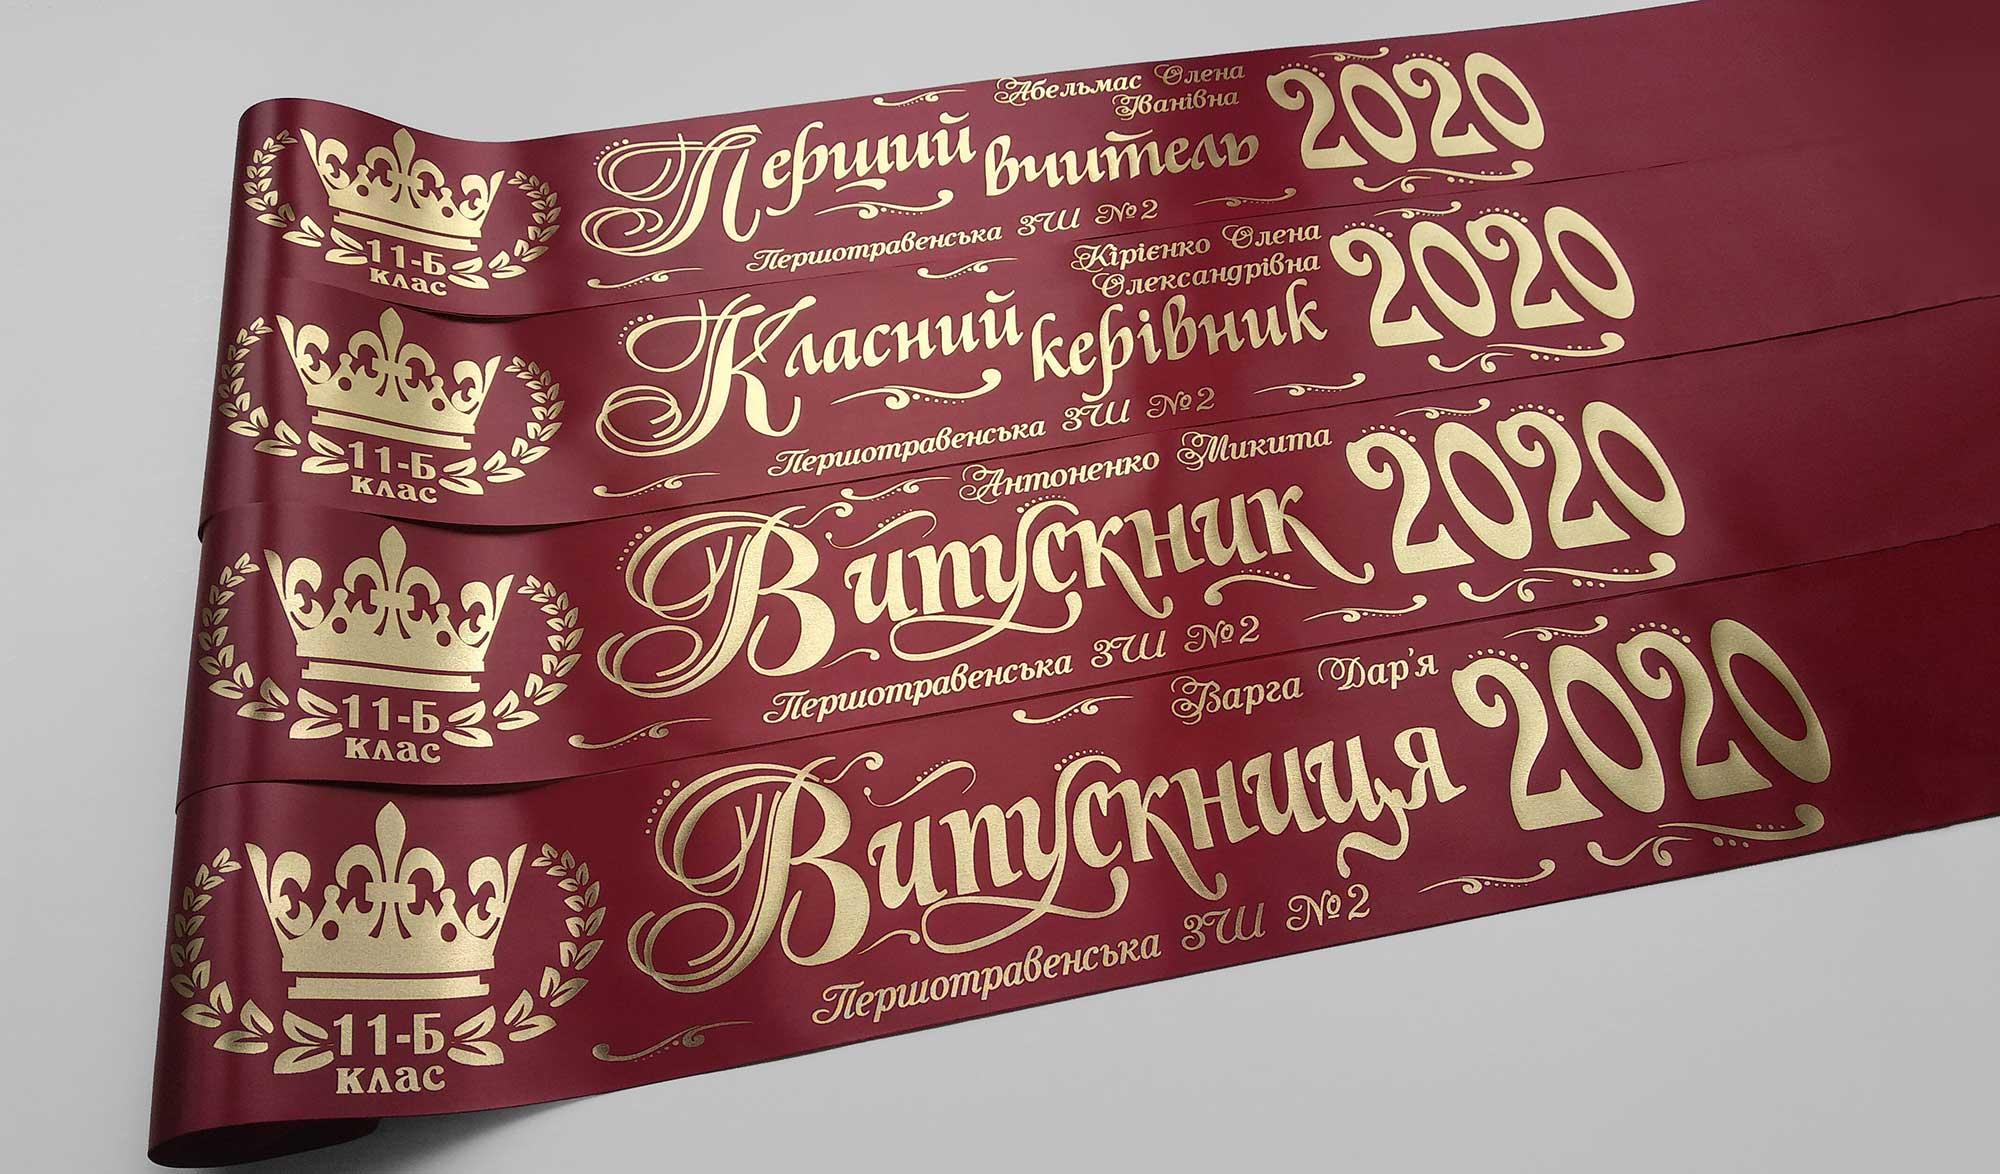 Именные ленты выпускник 2020 от Долины Грёз